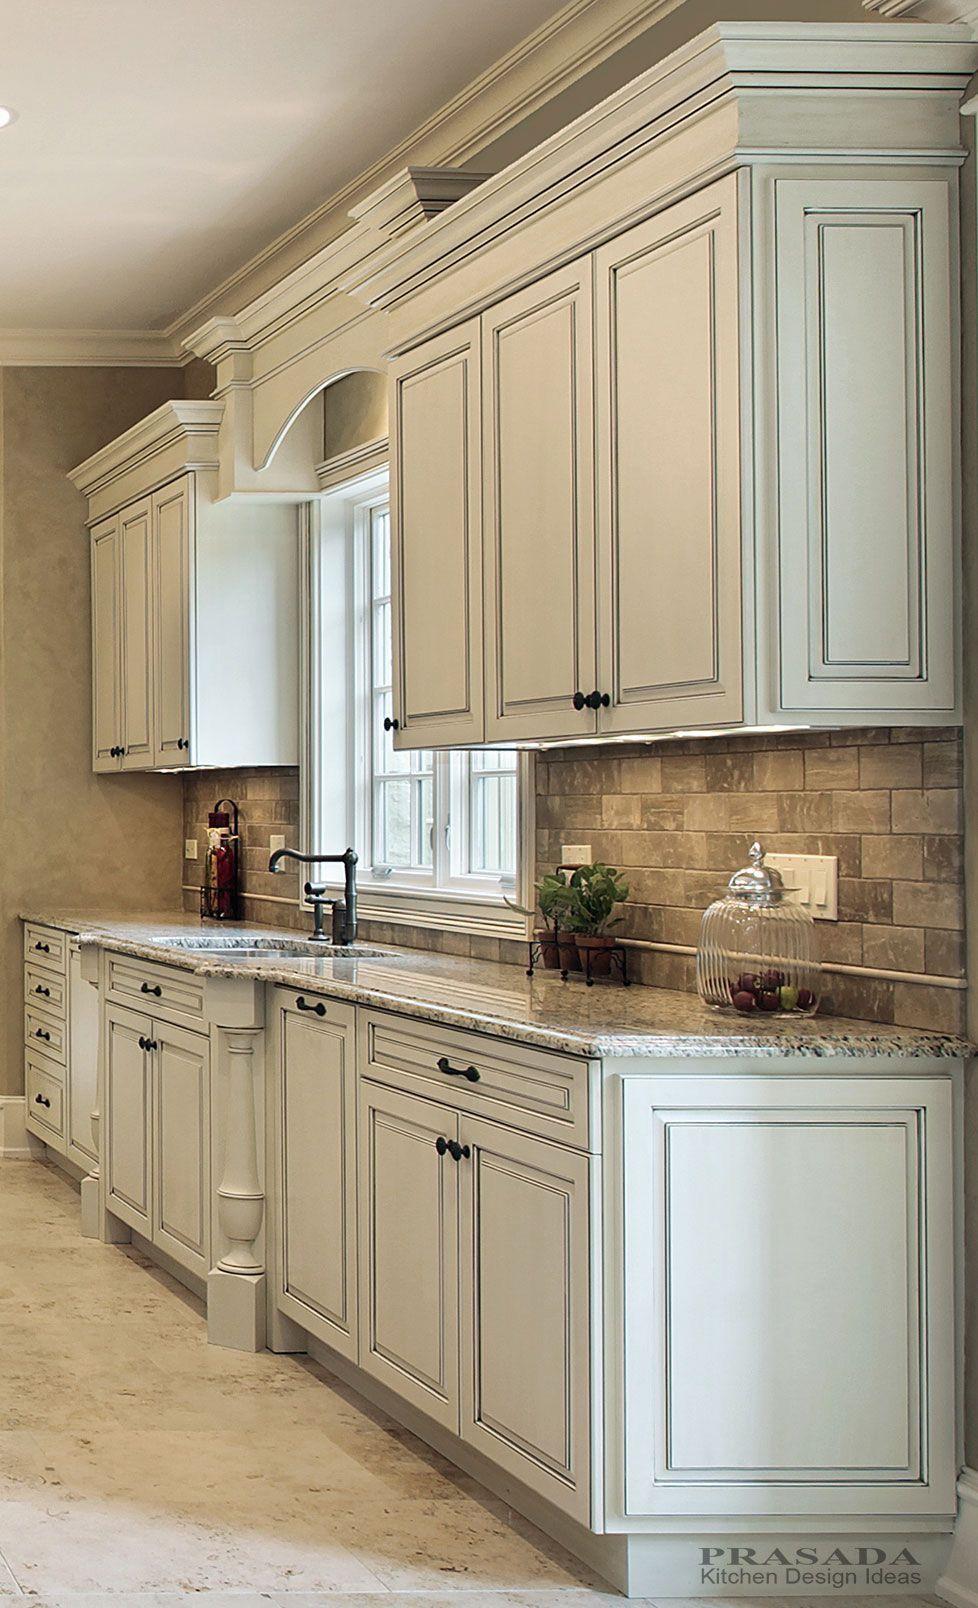 Backsplash kitchens pinterest kitchens kitchen design and